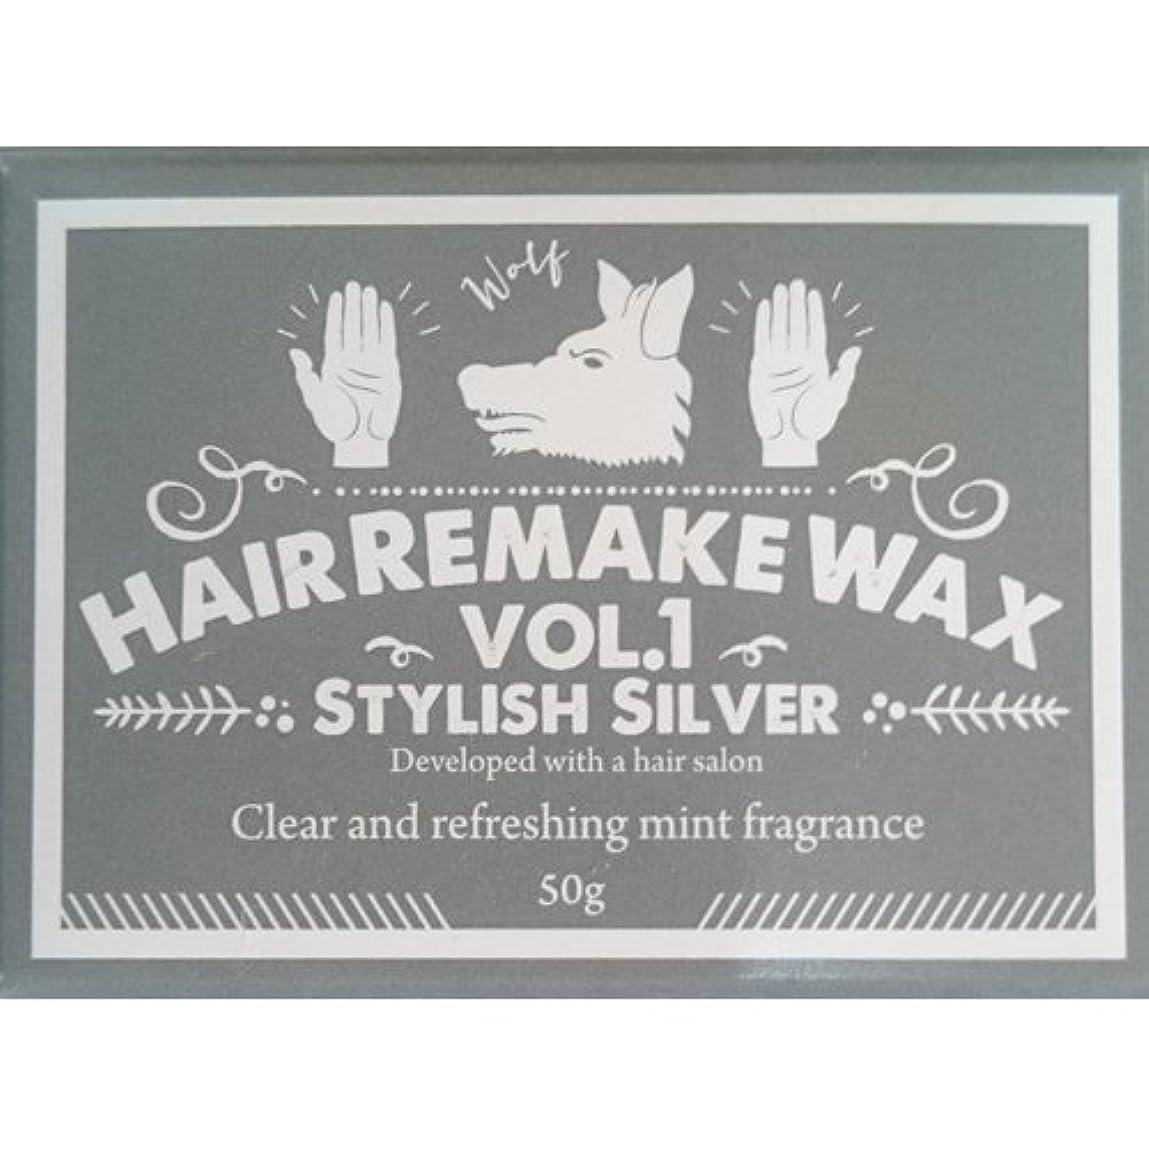 価値のない避けられない一過性Hair Remake(ヘアーリメイク)WAX Vol.1 スタイリッシュシルバー 50g